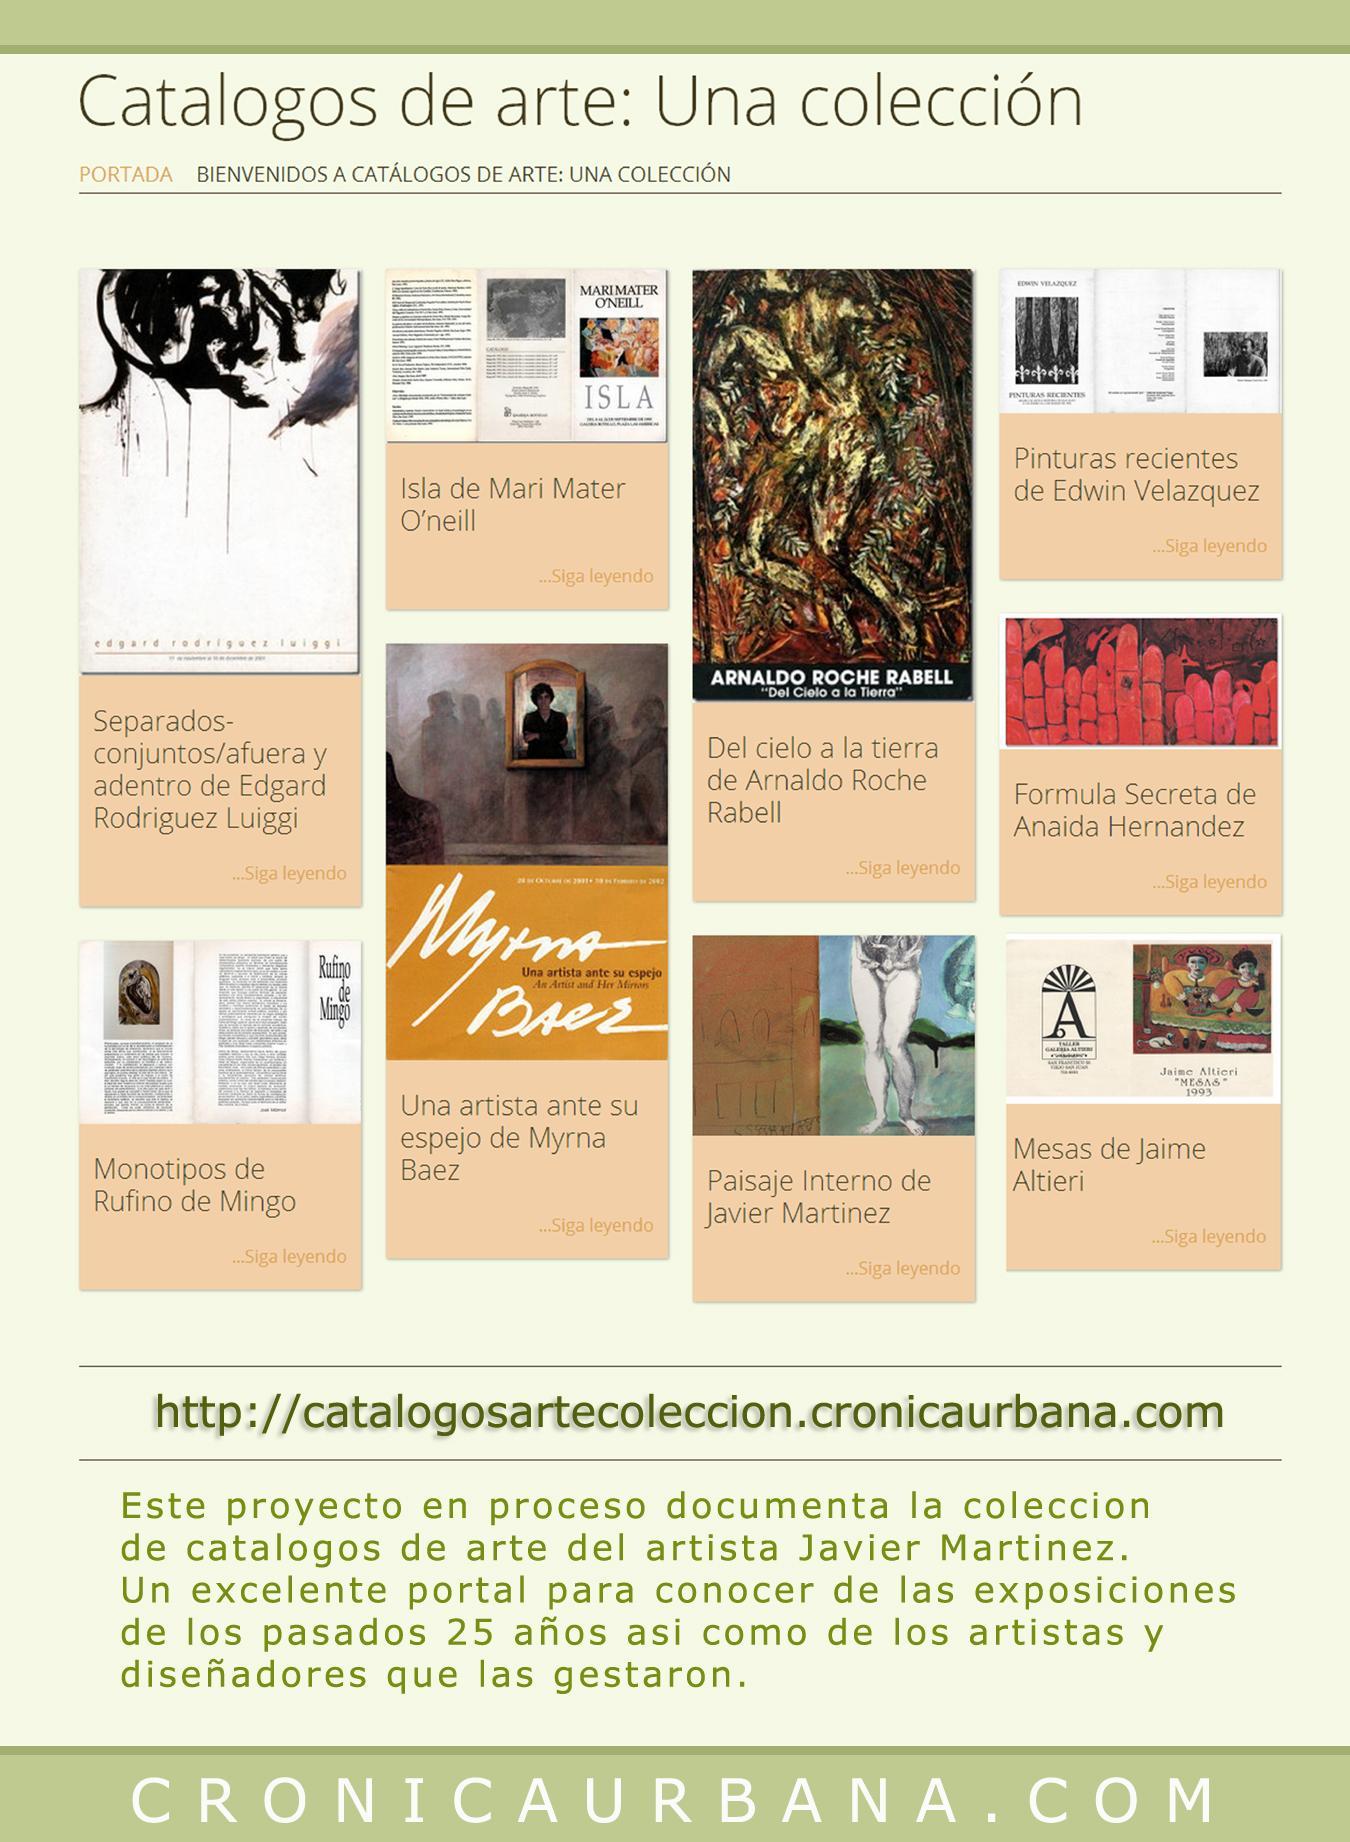 Catálogos de arte: Una colección